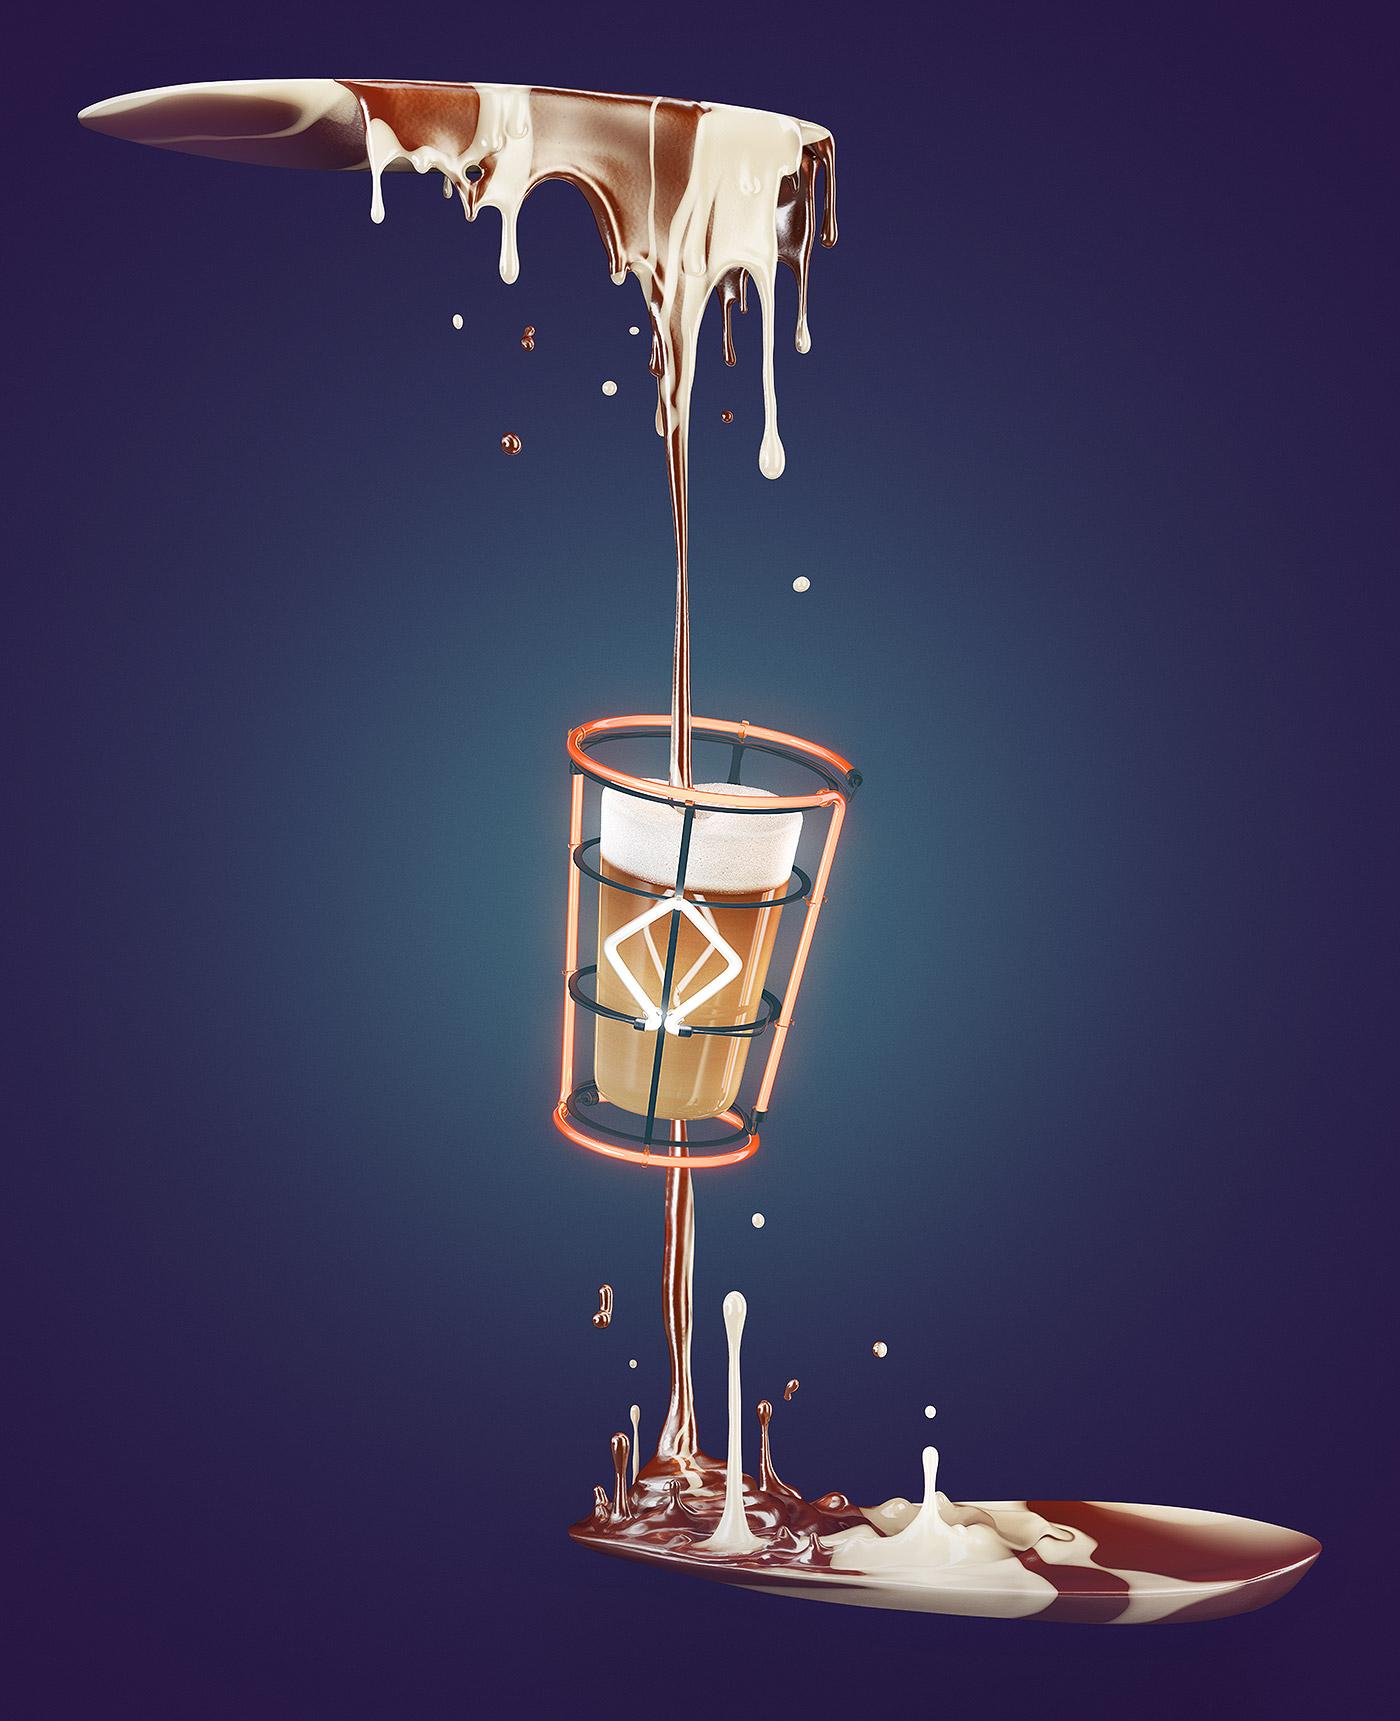 CoffeeInn-Cappuccino